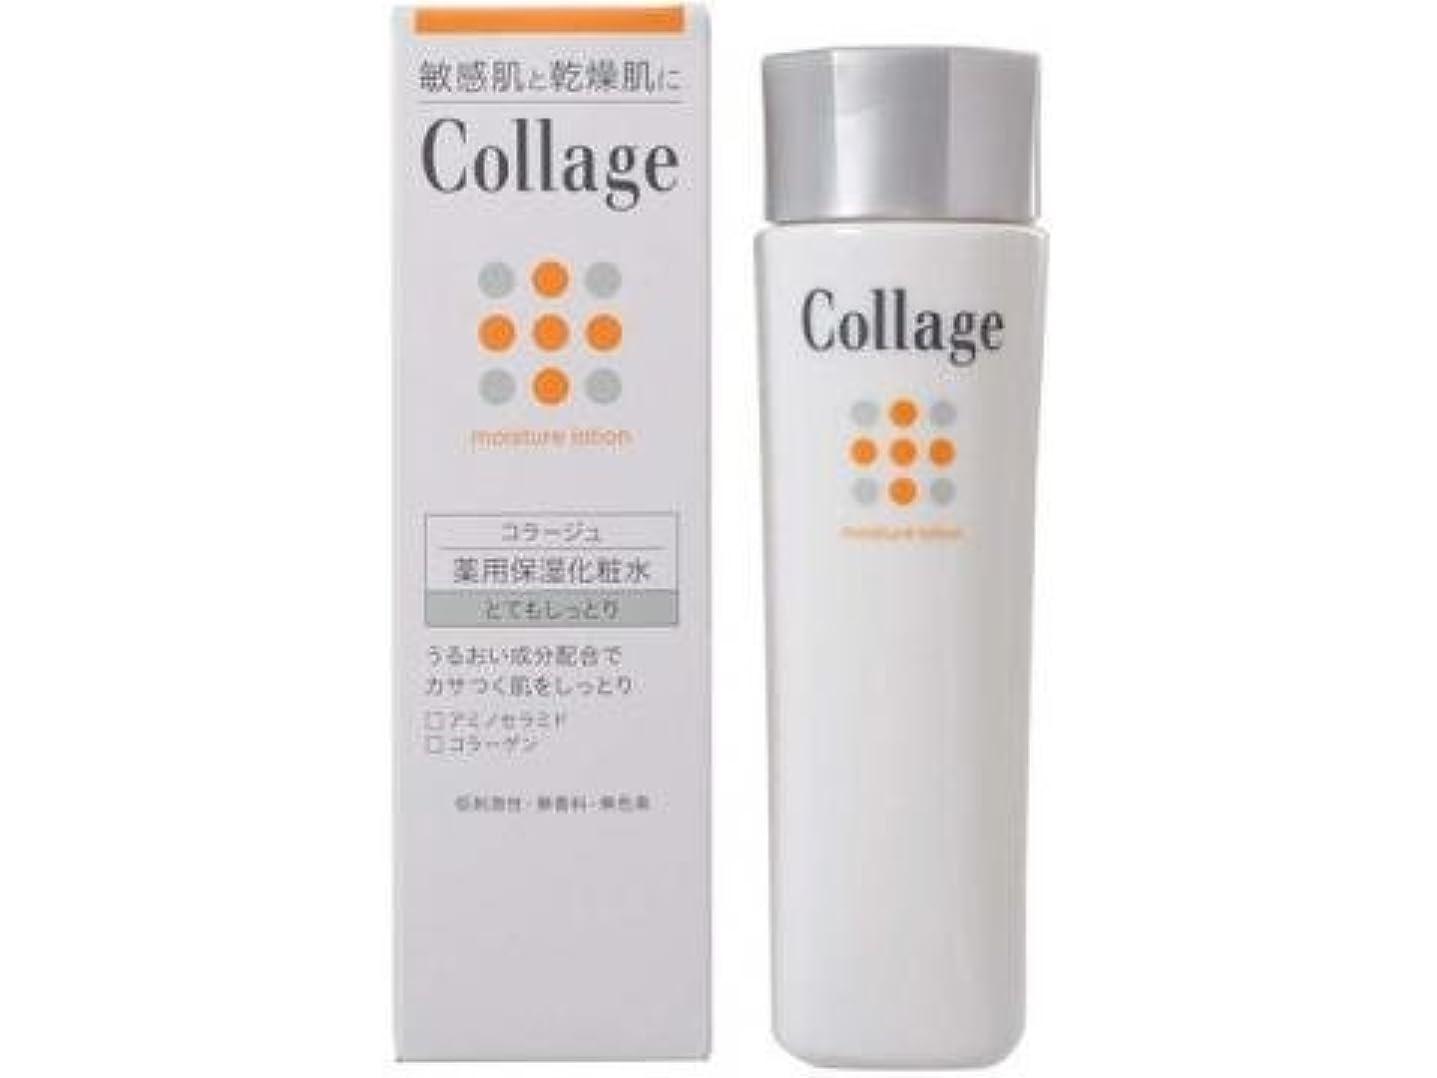 反対した実質的絶妙コラージュ 薬用保湿化粧水 とてもしっとり(120mL)×2